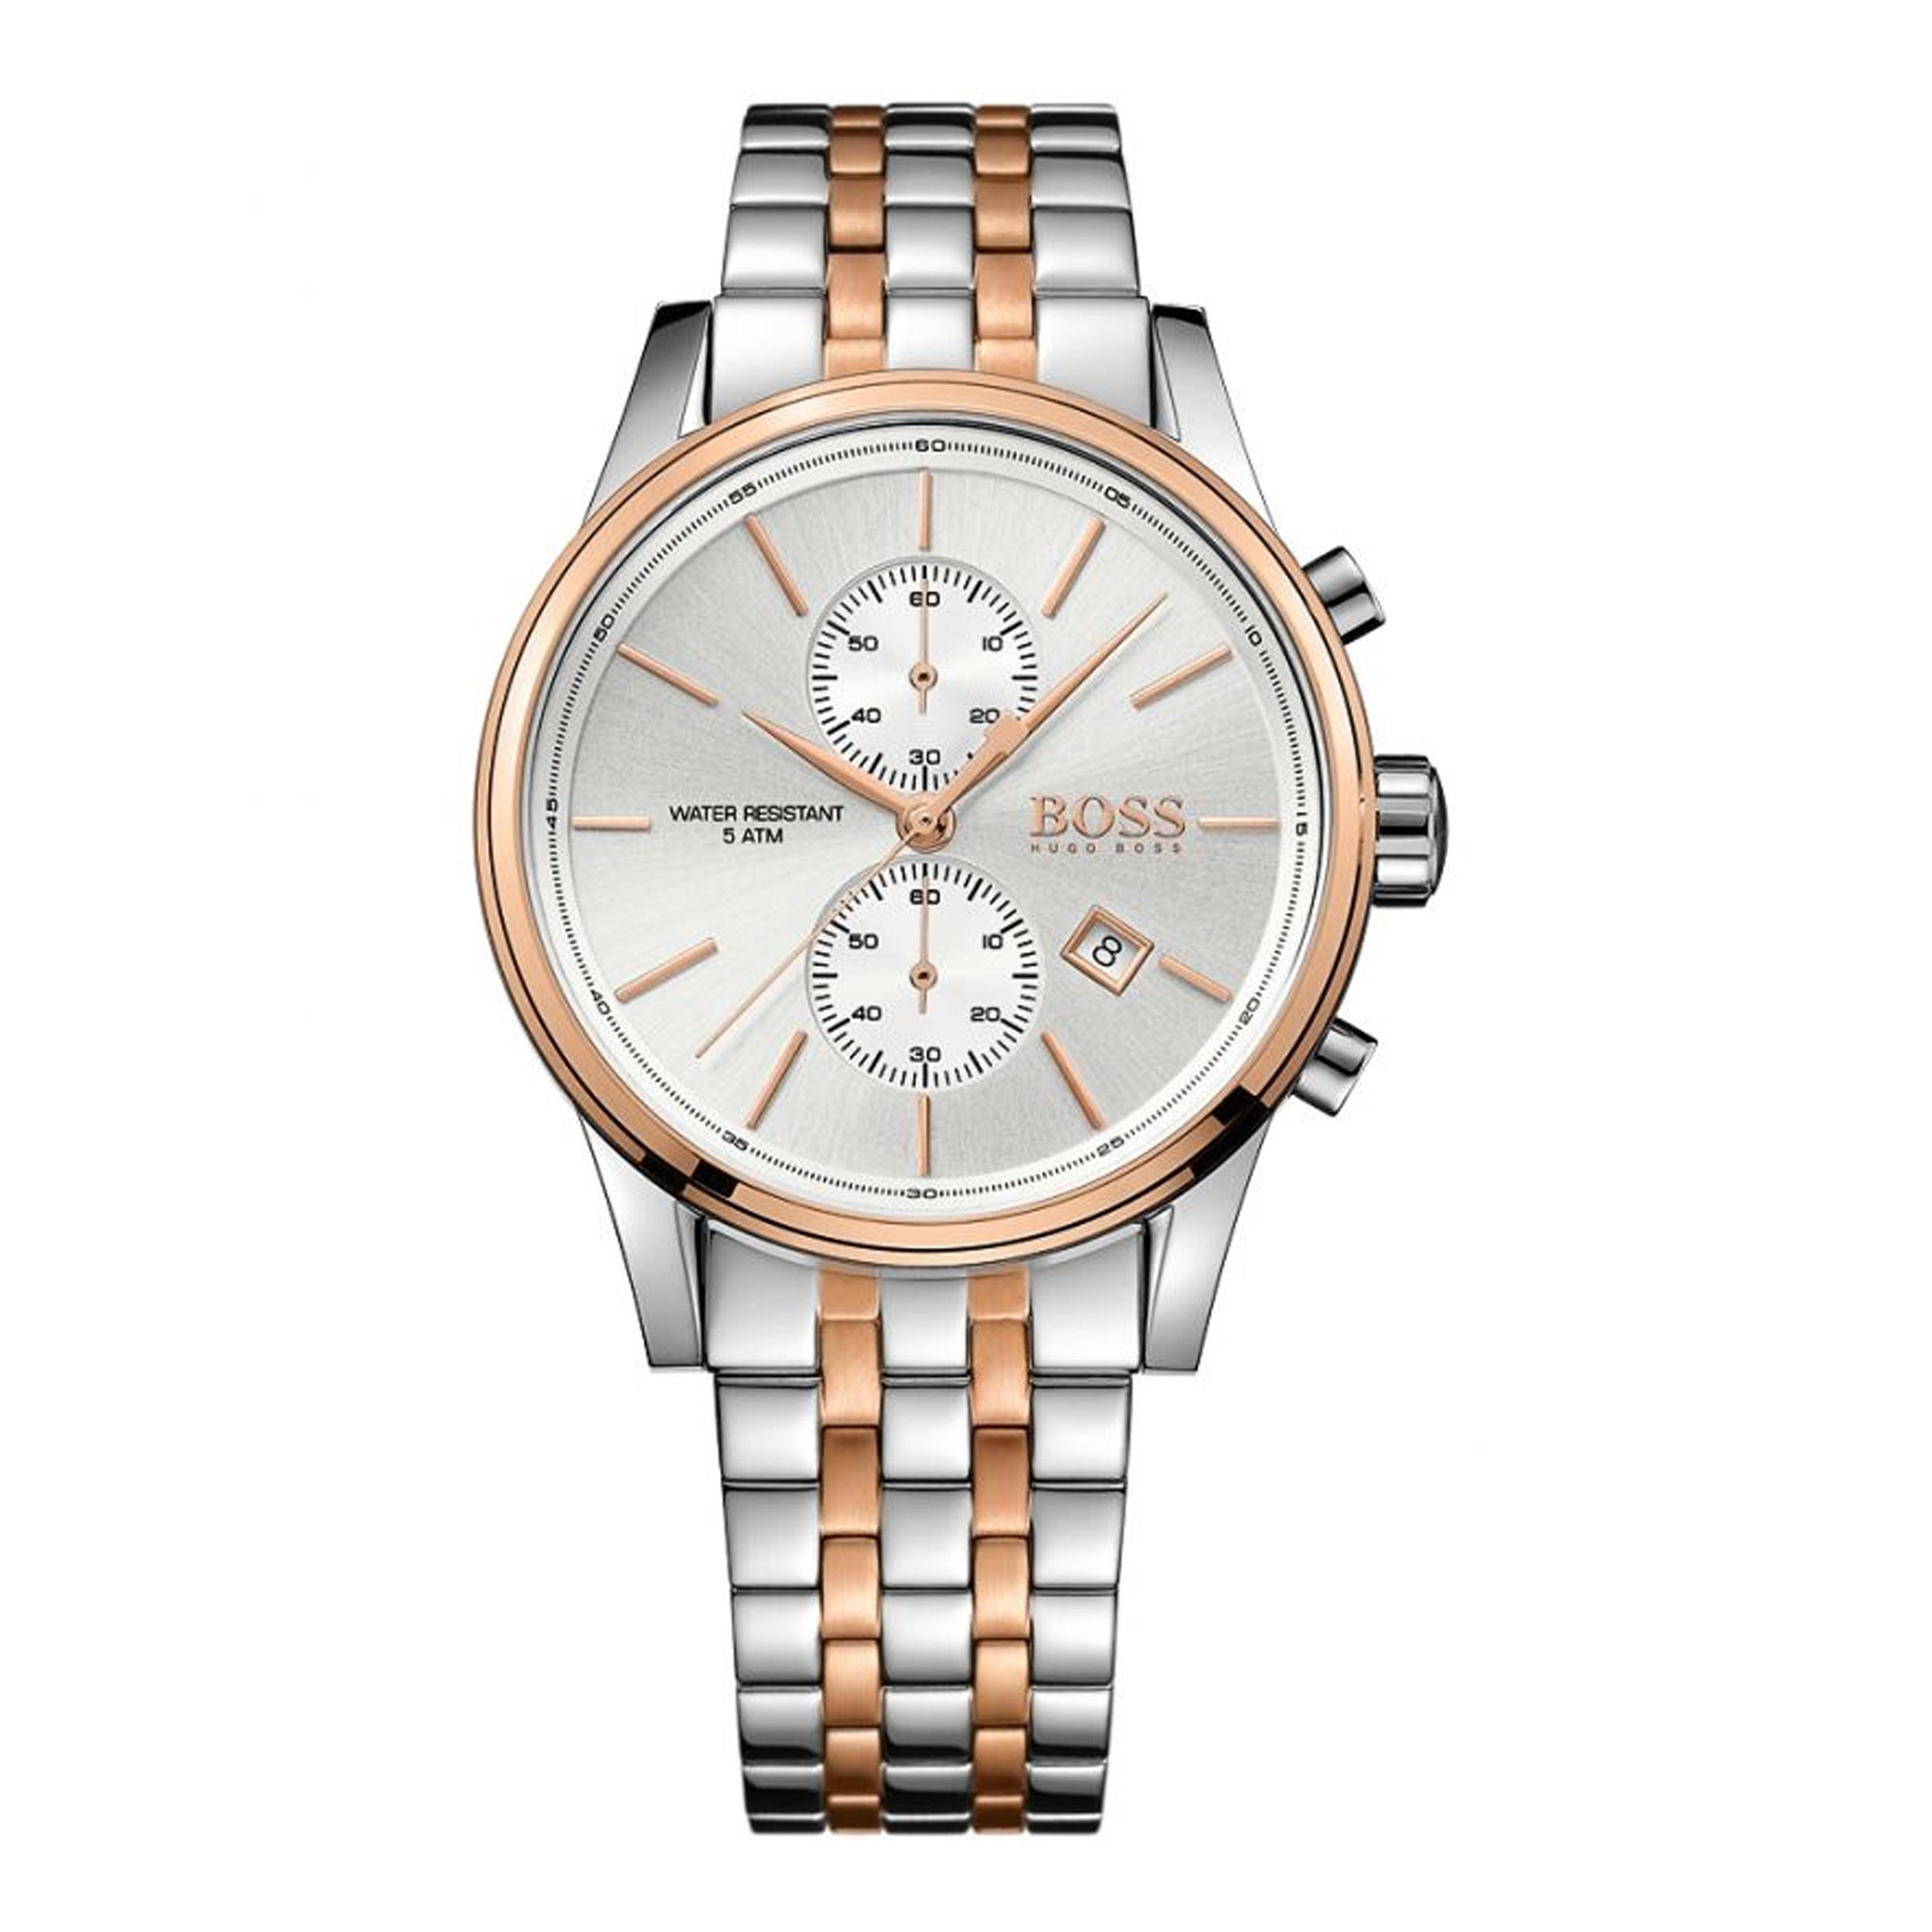 ساعت مچی عقربه ای مردانه هوگو باس مدل 1513385